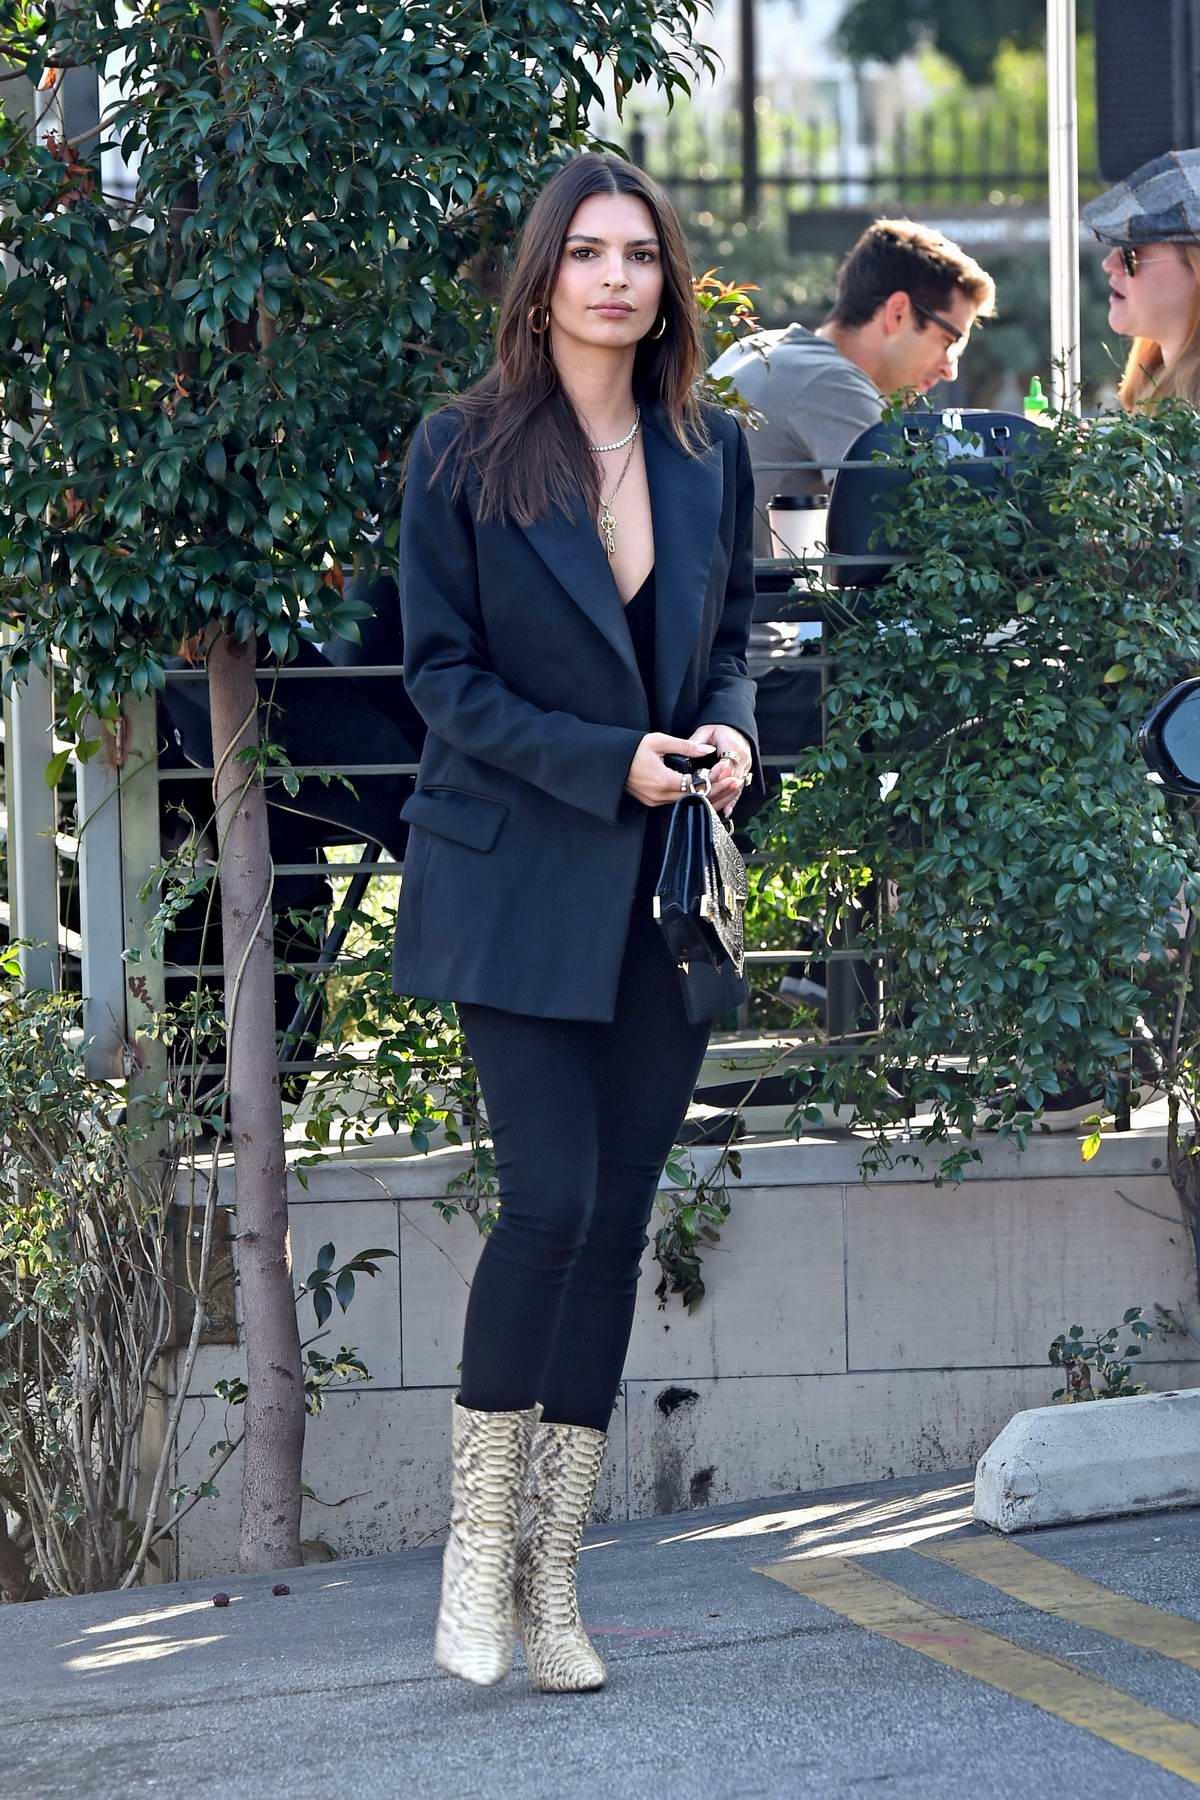 Emily Ratajkowski wore a dark grey blazer, black jeans and